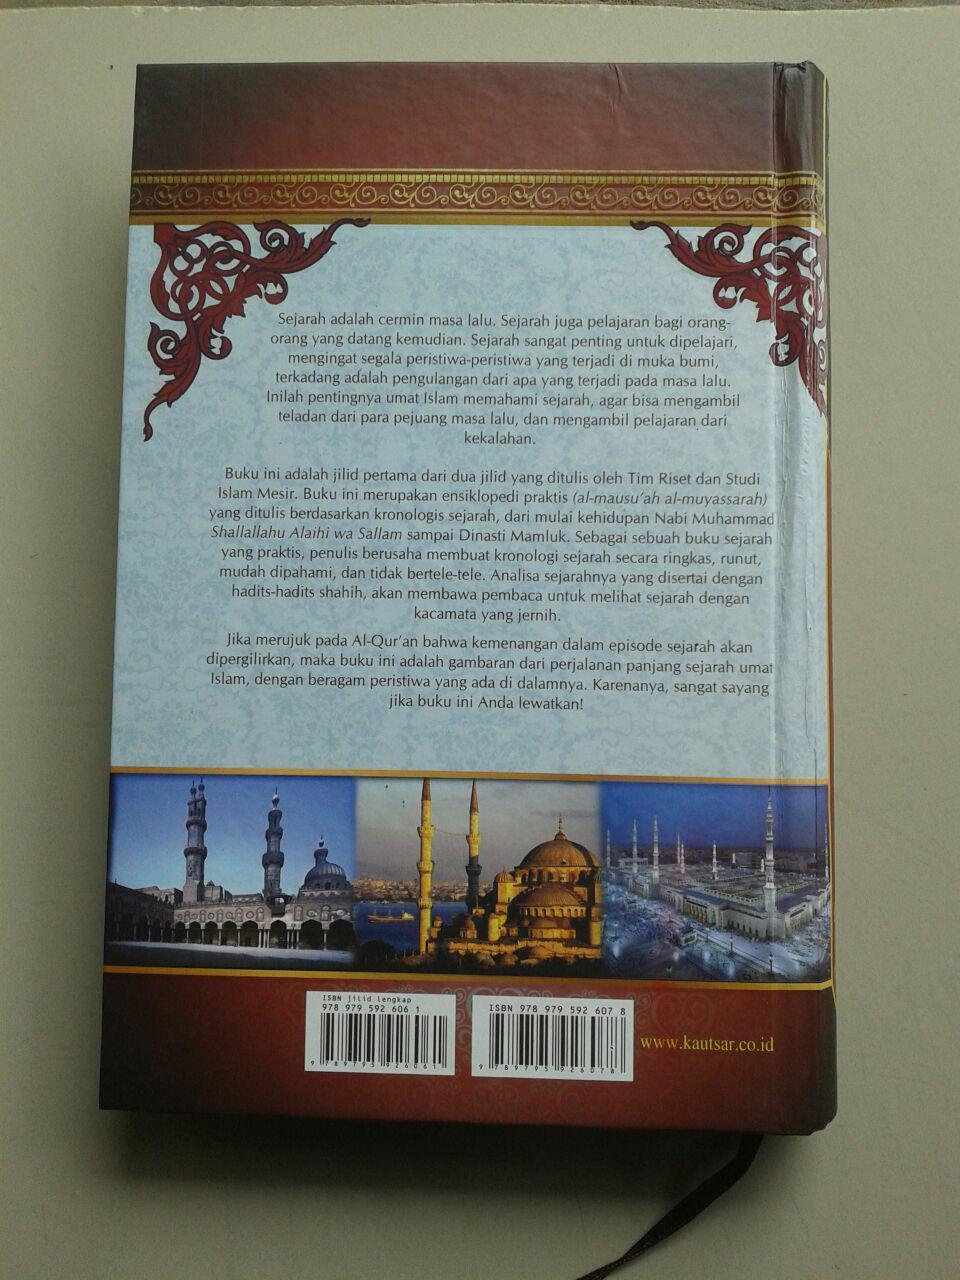 Buku Ensiklopedi Sejarah Islam Masa Kenabian-Daulah Mamluk set 2 Jilid cover